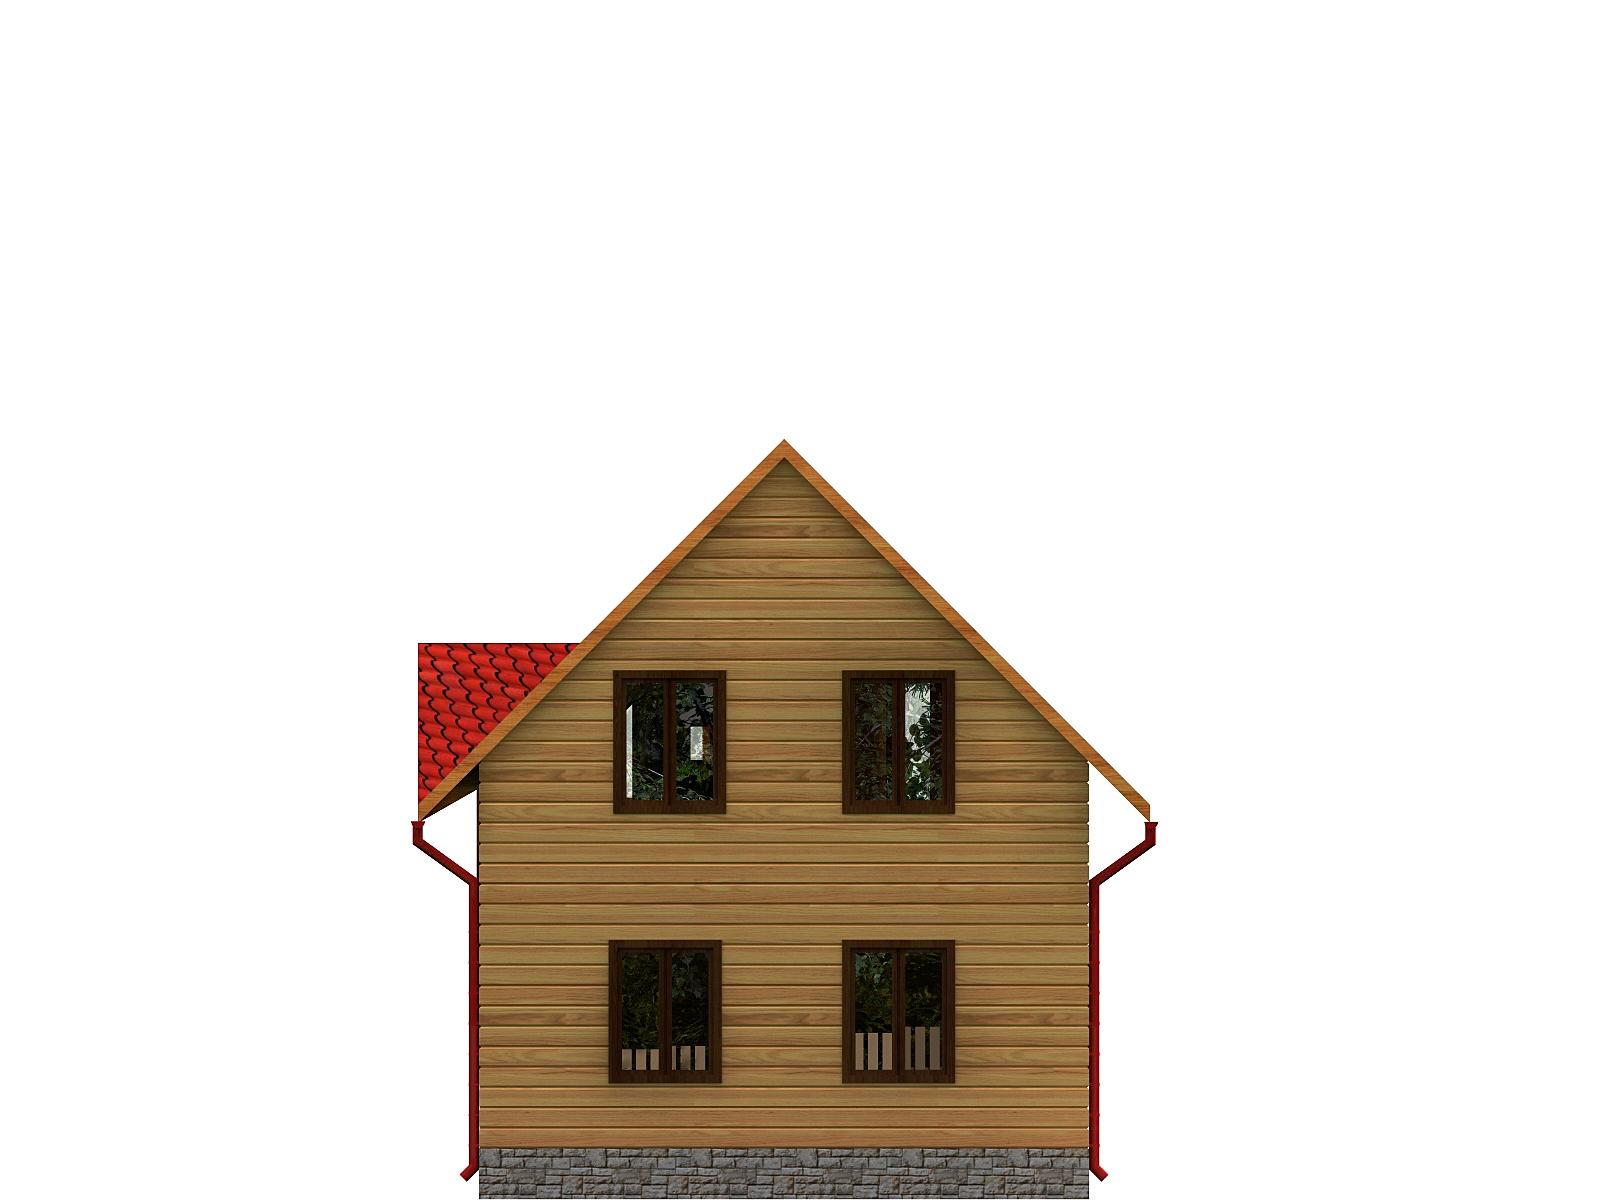 Проект дома из бруса 6х9,5 1,5 этажа с террасой и балконом. Разрез 2.